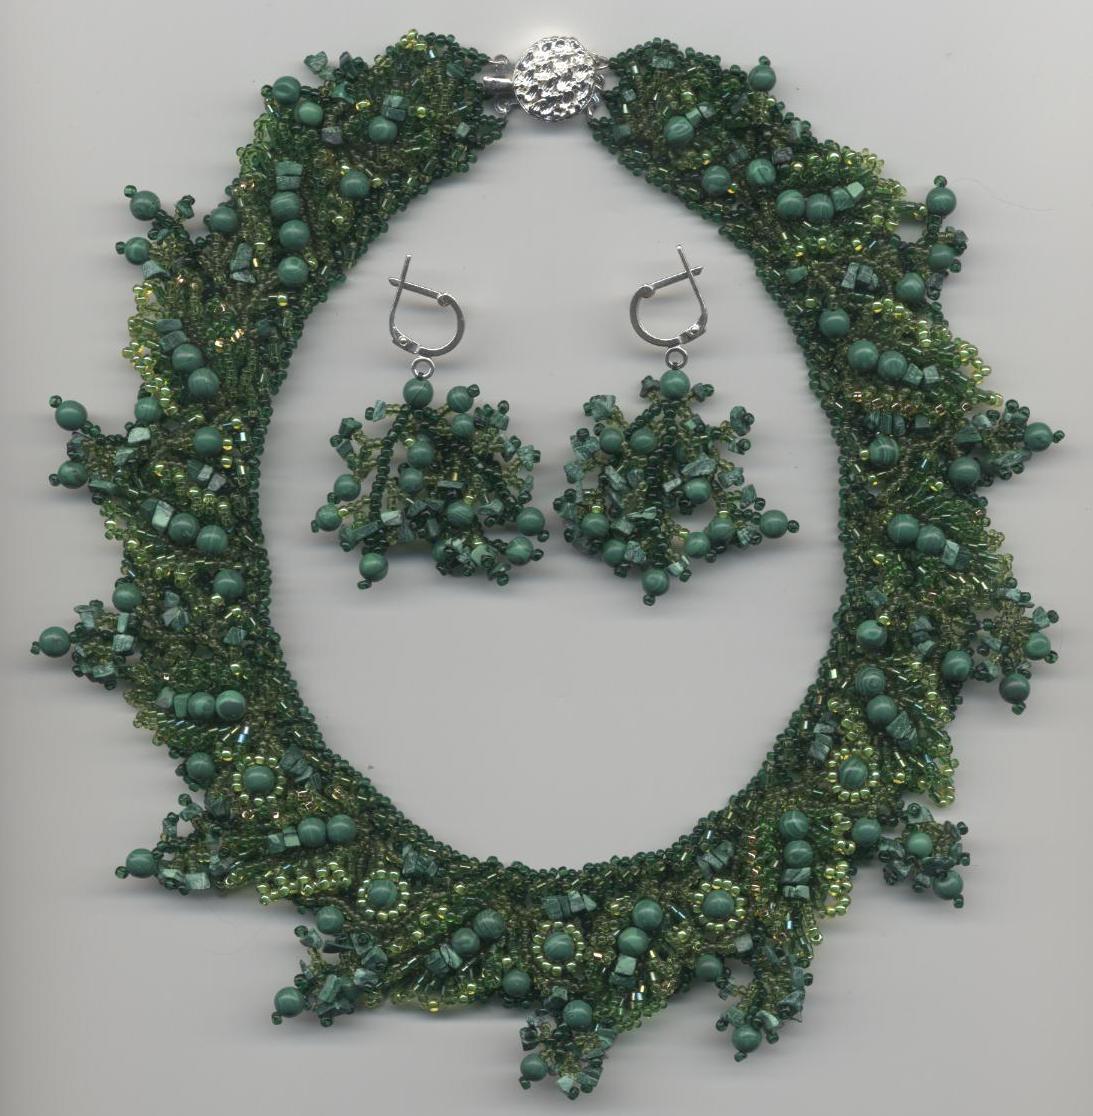 Изумительные украшения из бисера в сочетании с янтарем, аметистом, гранатом, малахитом, кораллами.